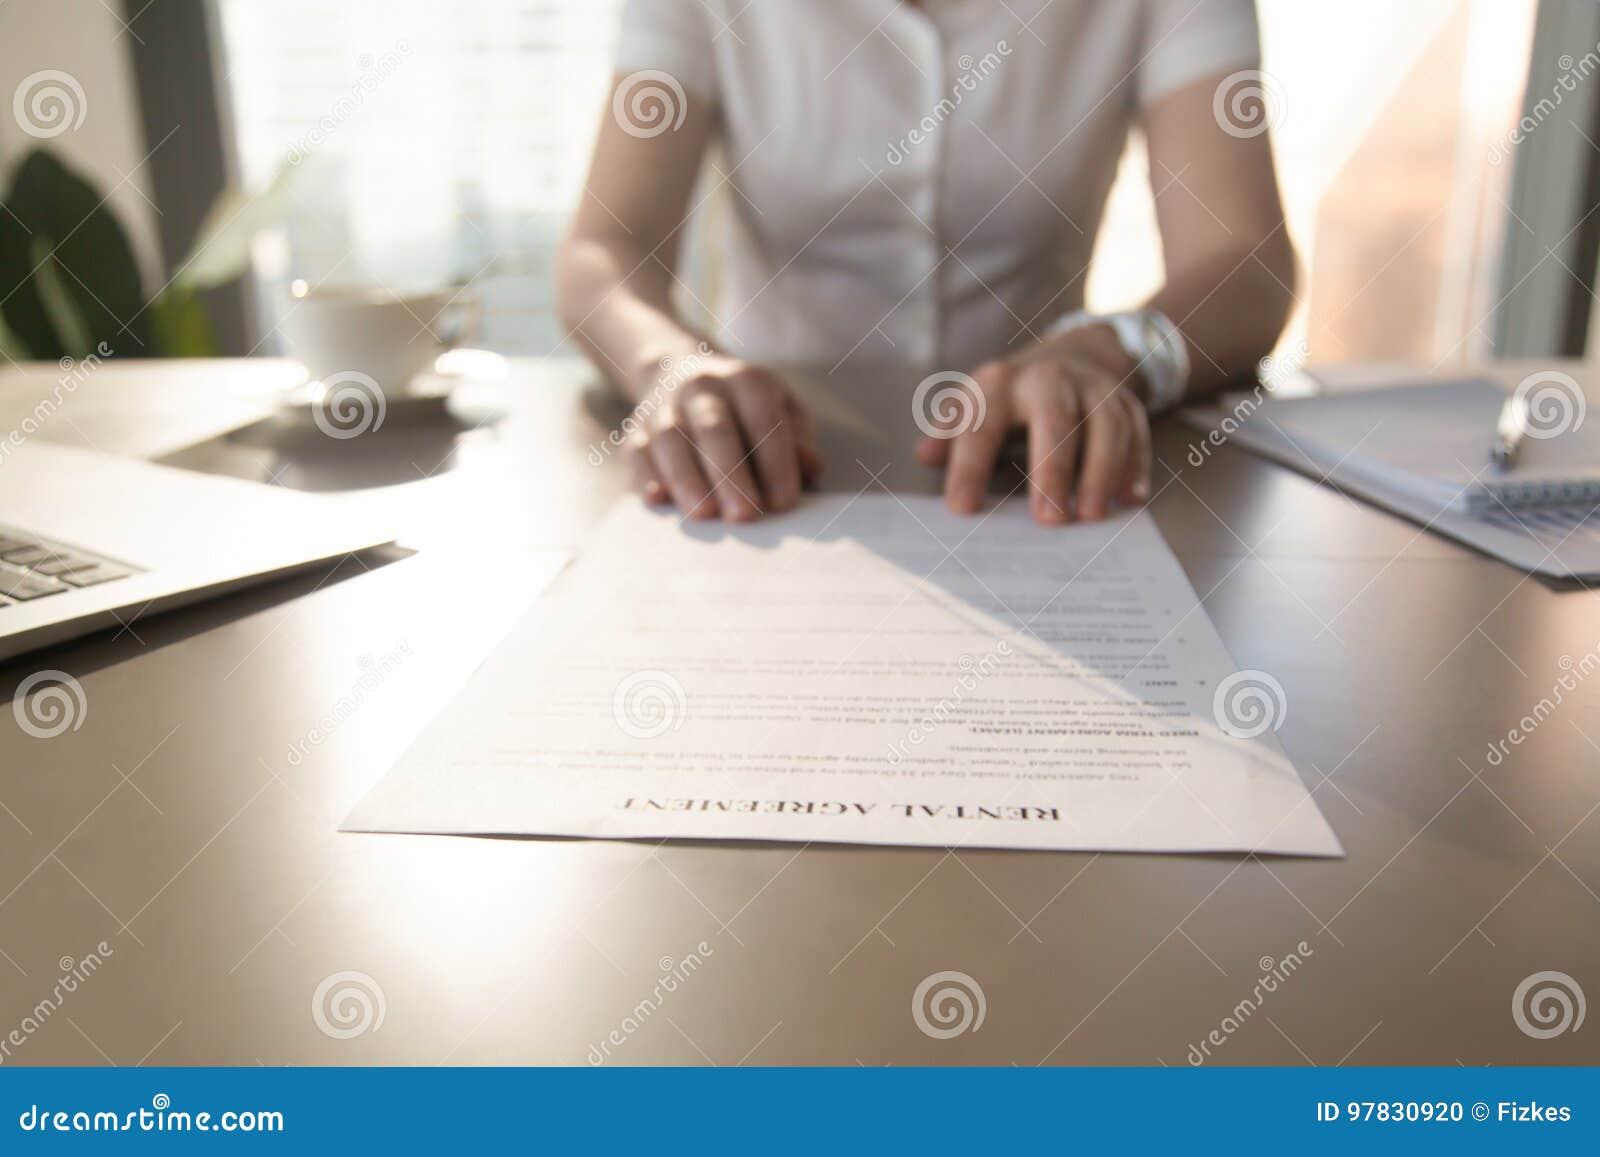 Immobilienagentur bietet Kunden an, um Mietvertrag, closeu zu unterzeichnen